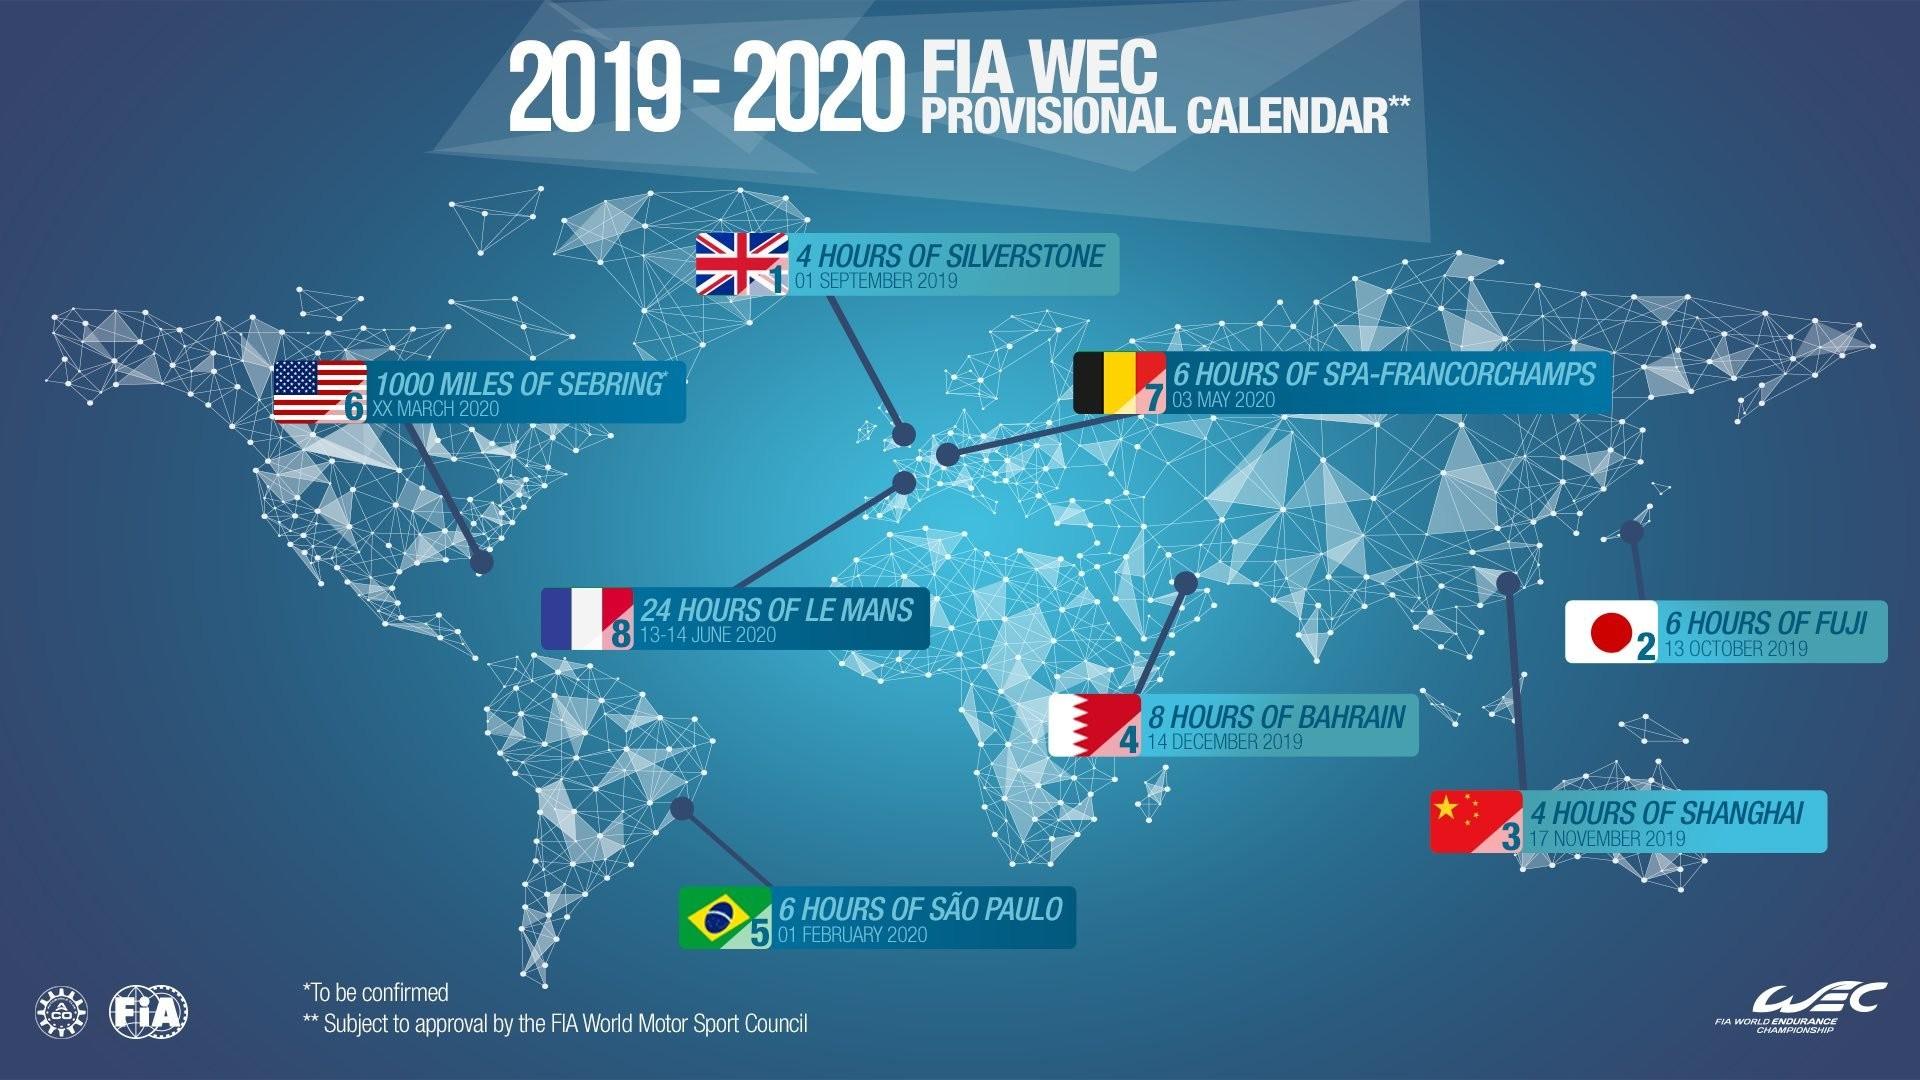 Calendario Agosto 2020 Argentina.Prensa Calendario 2019 Mexico Almanaque 2020 Argentina